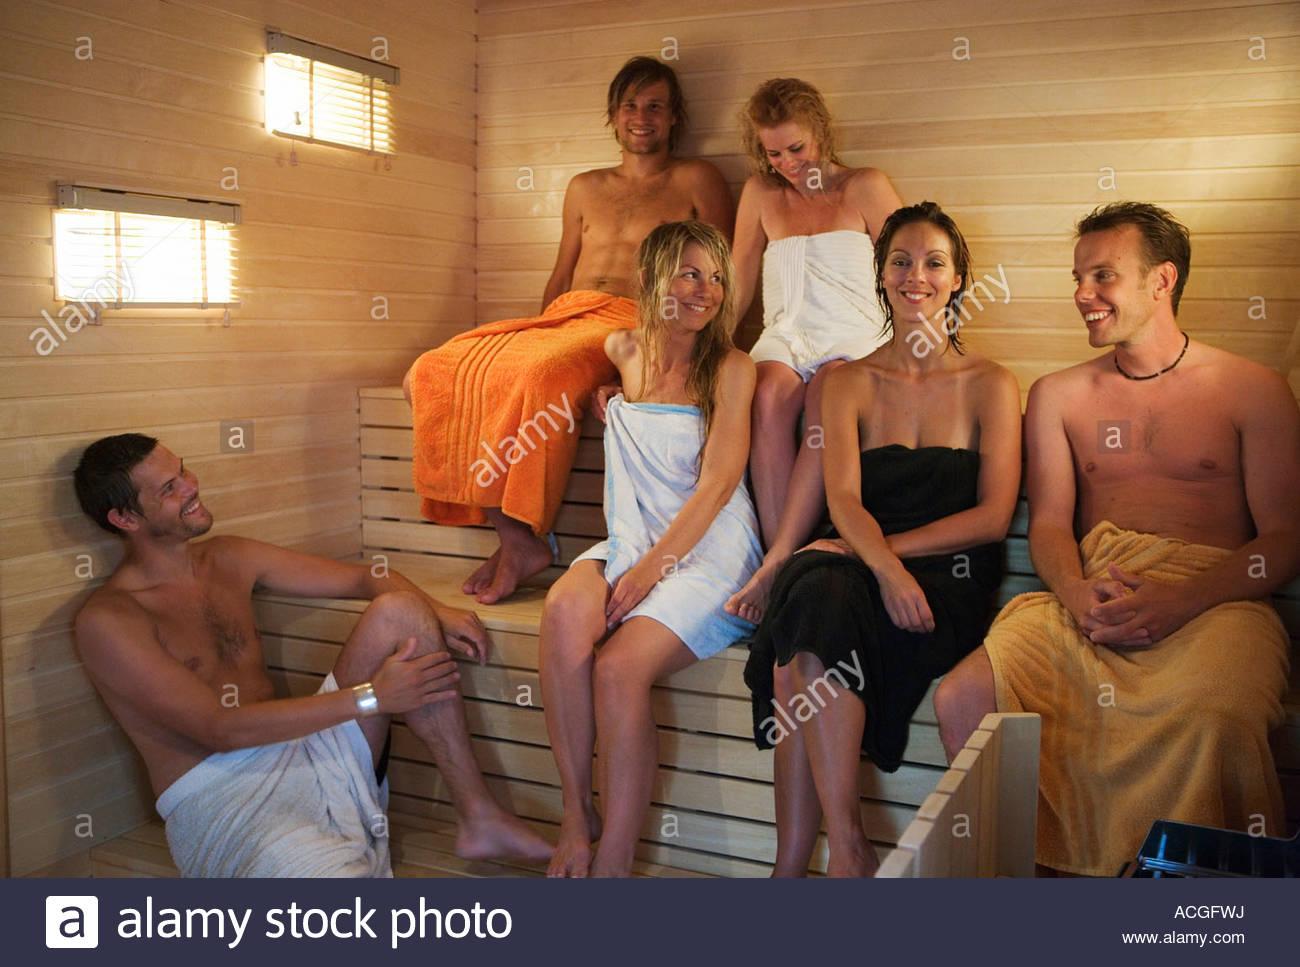 Порно Изменил В Бане